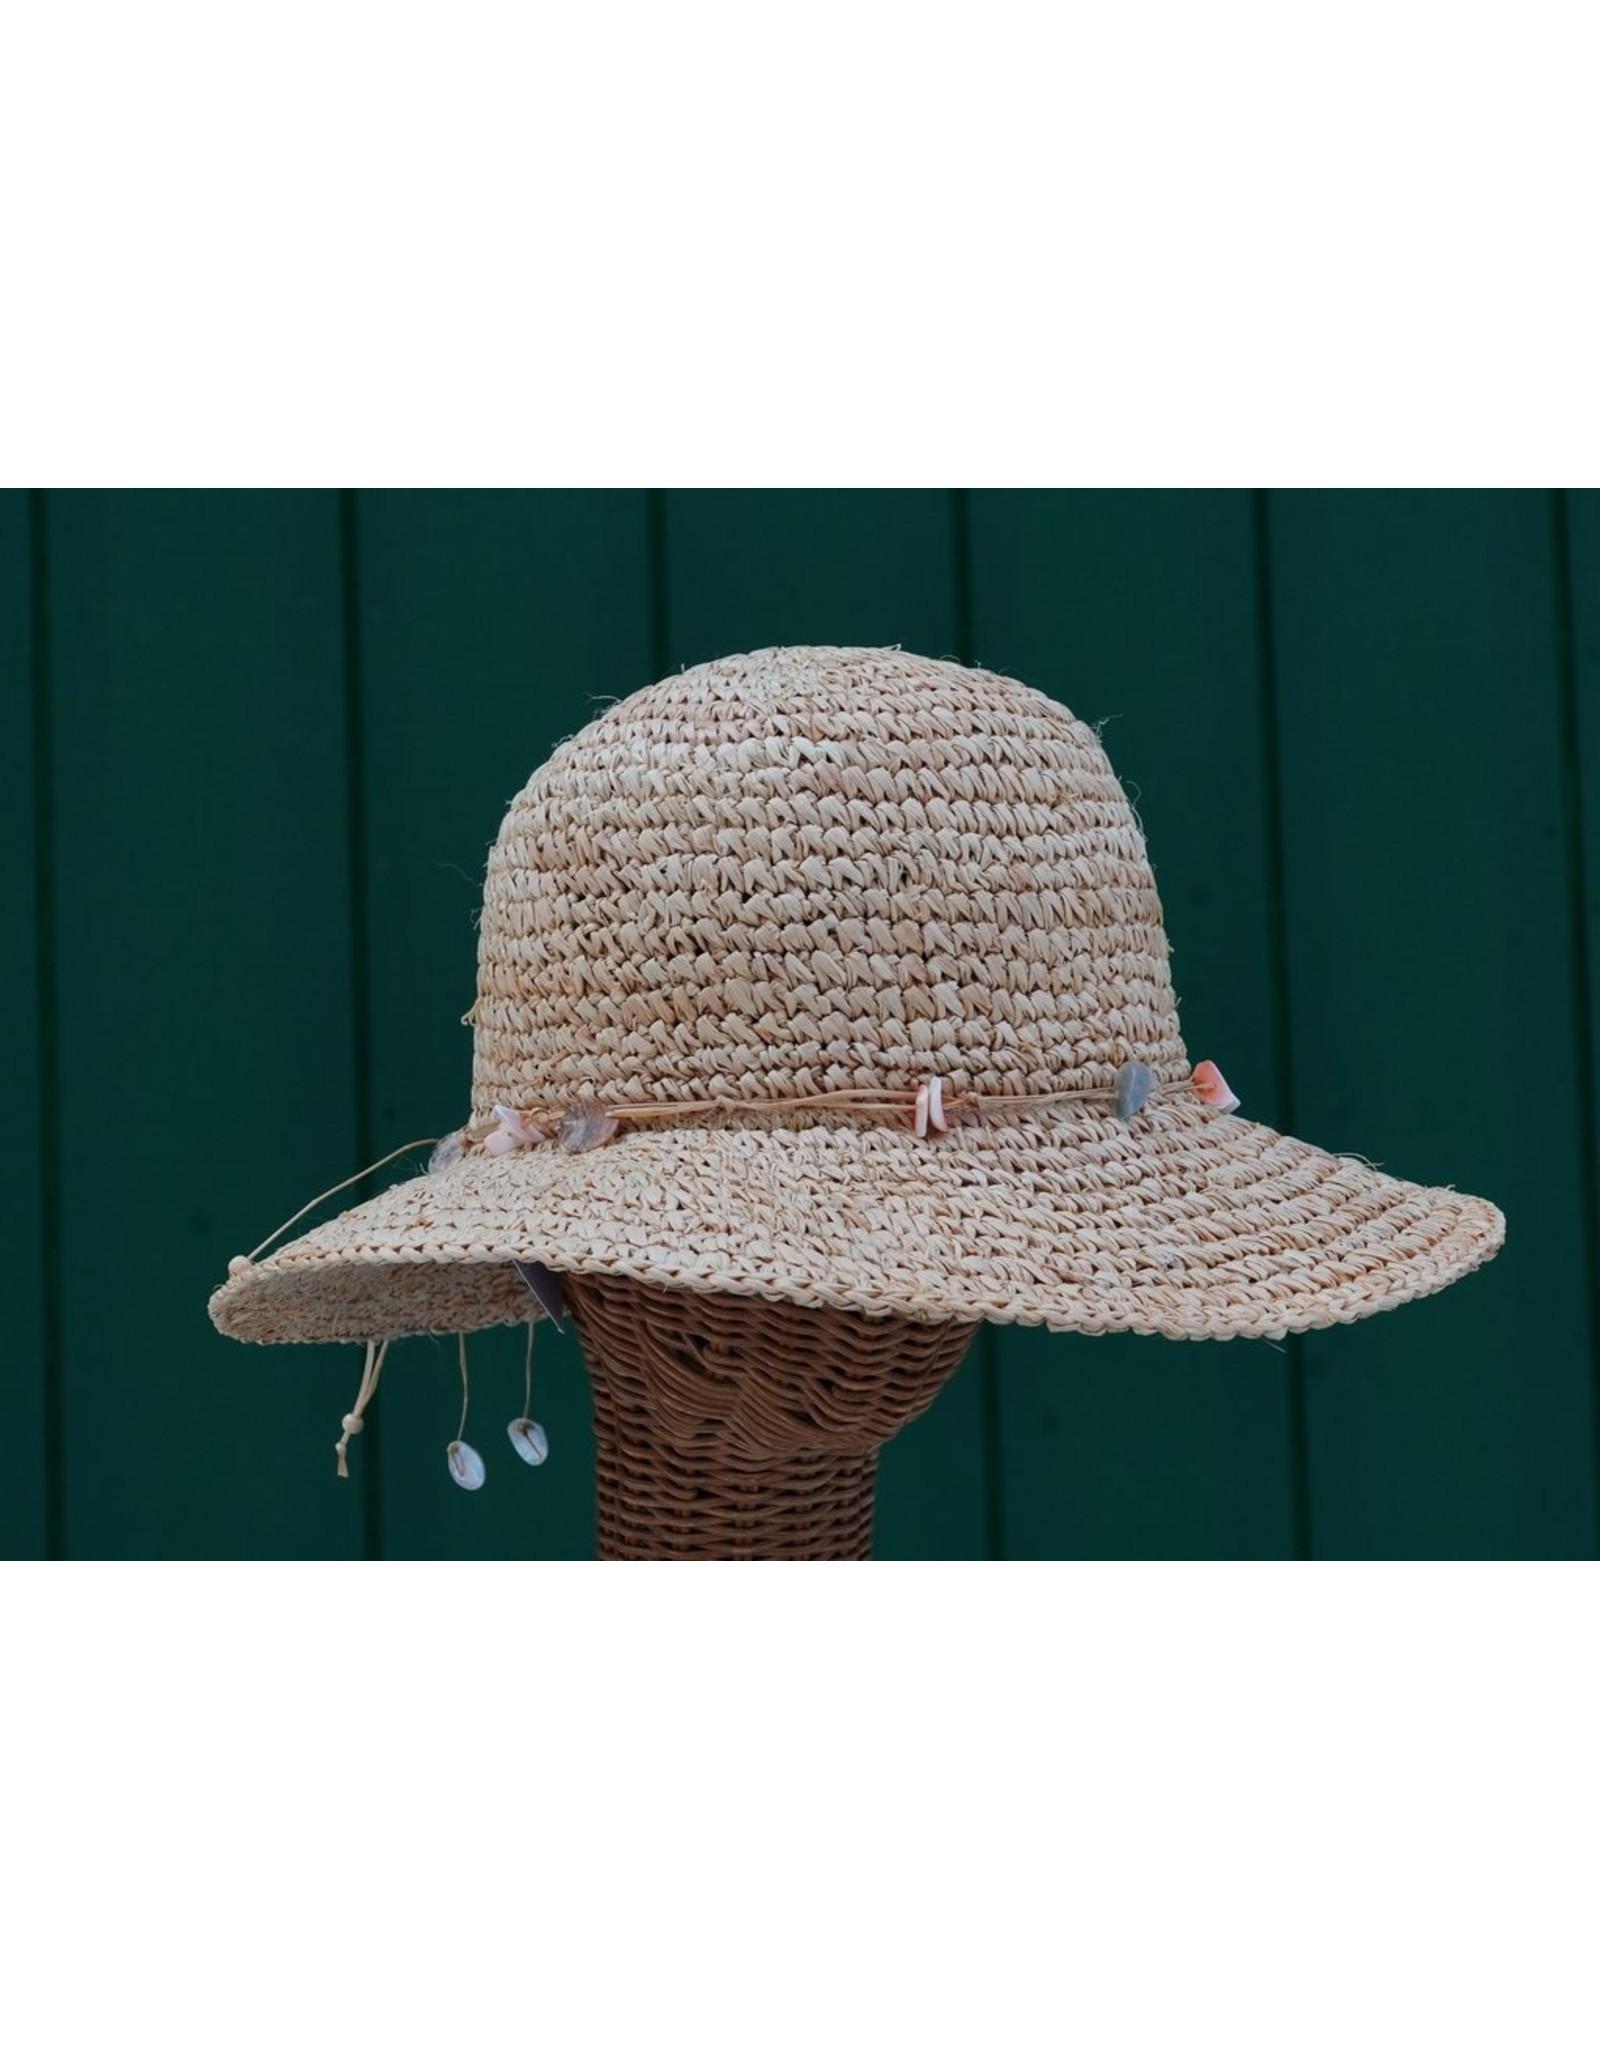 Hat Stuff Raffia Crochet Hat w/Shells 4336 (S1)